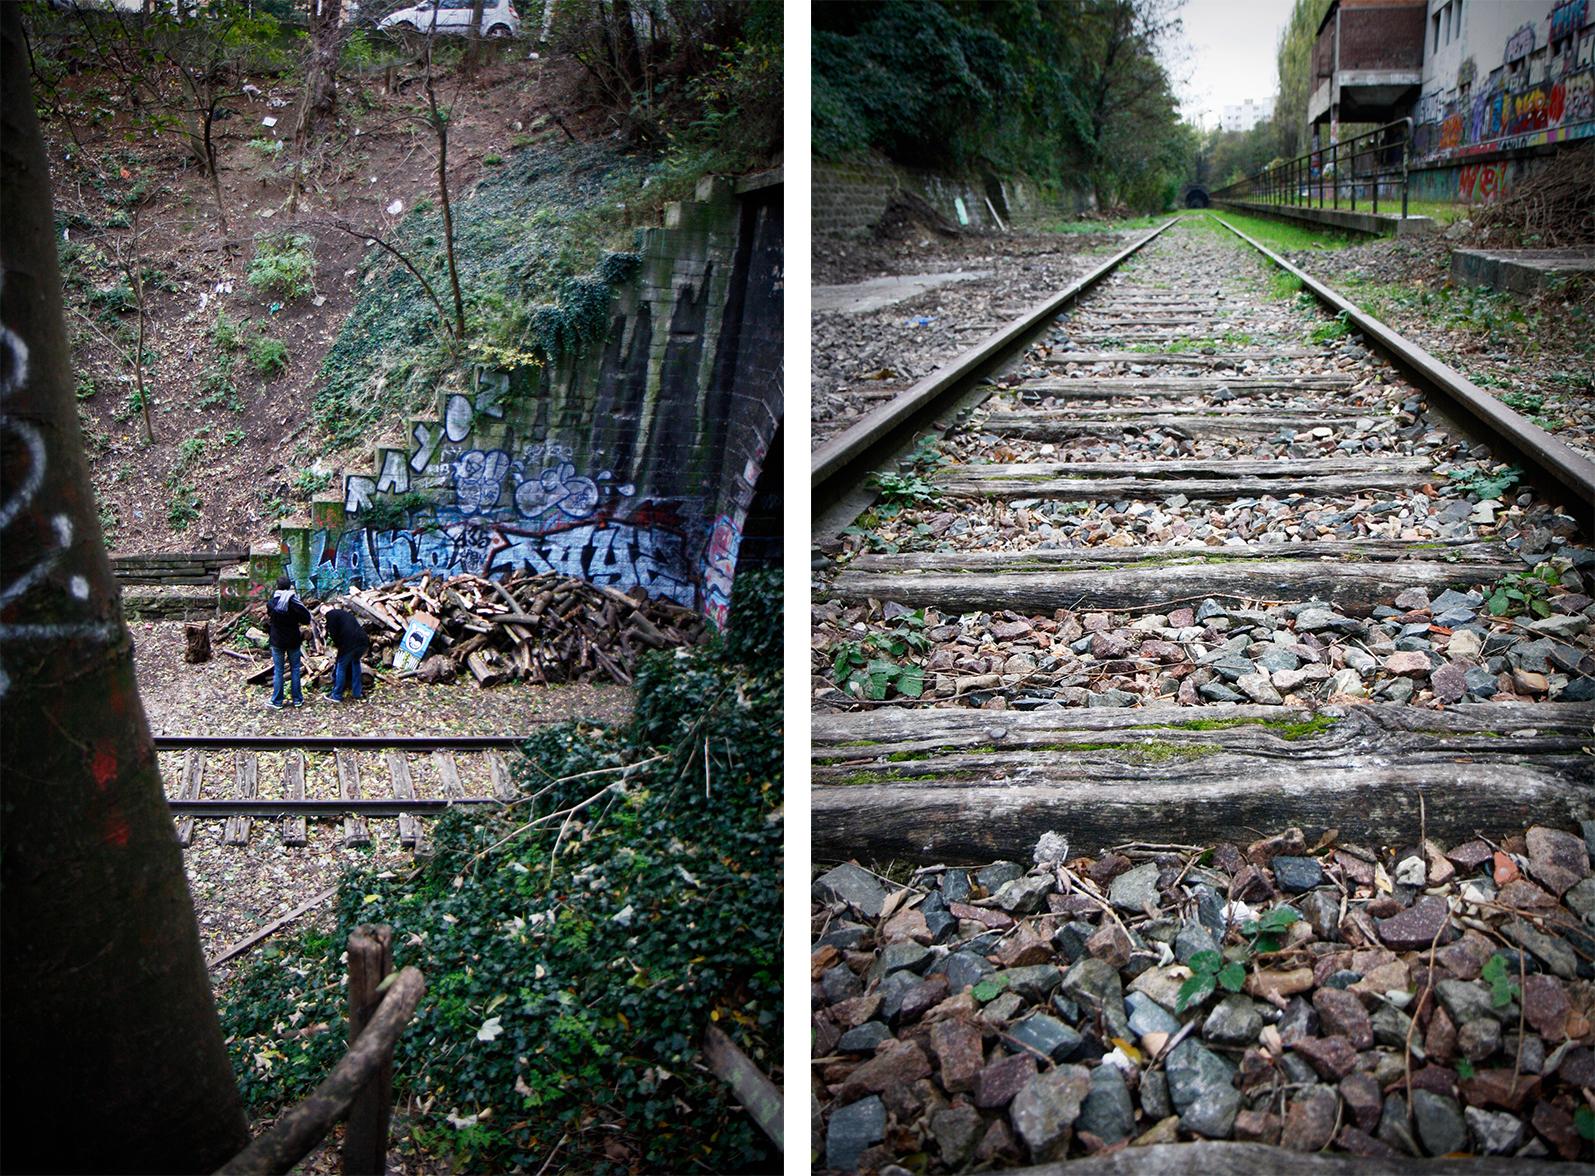 nous avons rencontre un grand chemin de fer